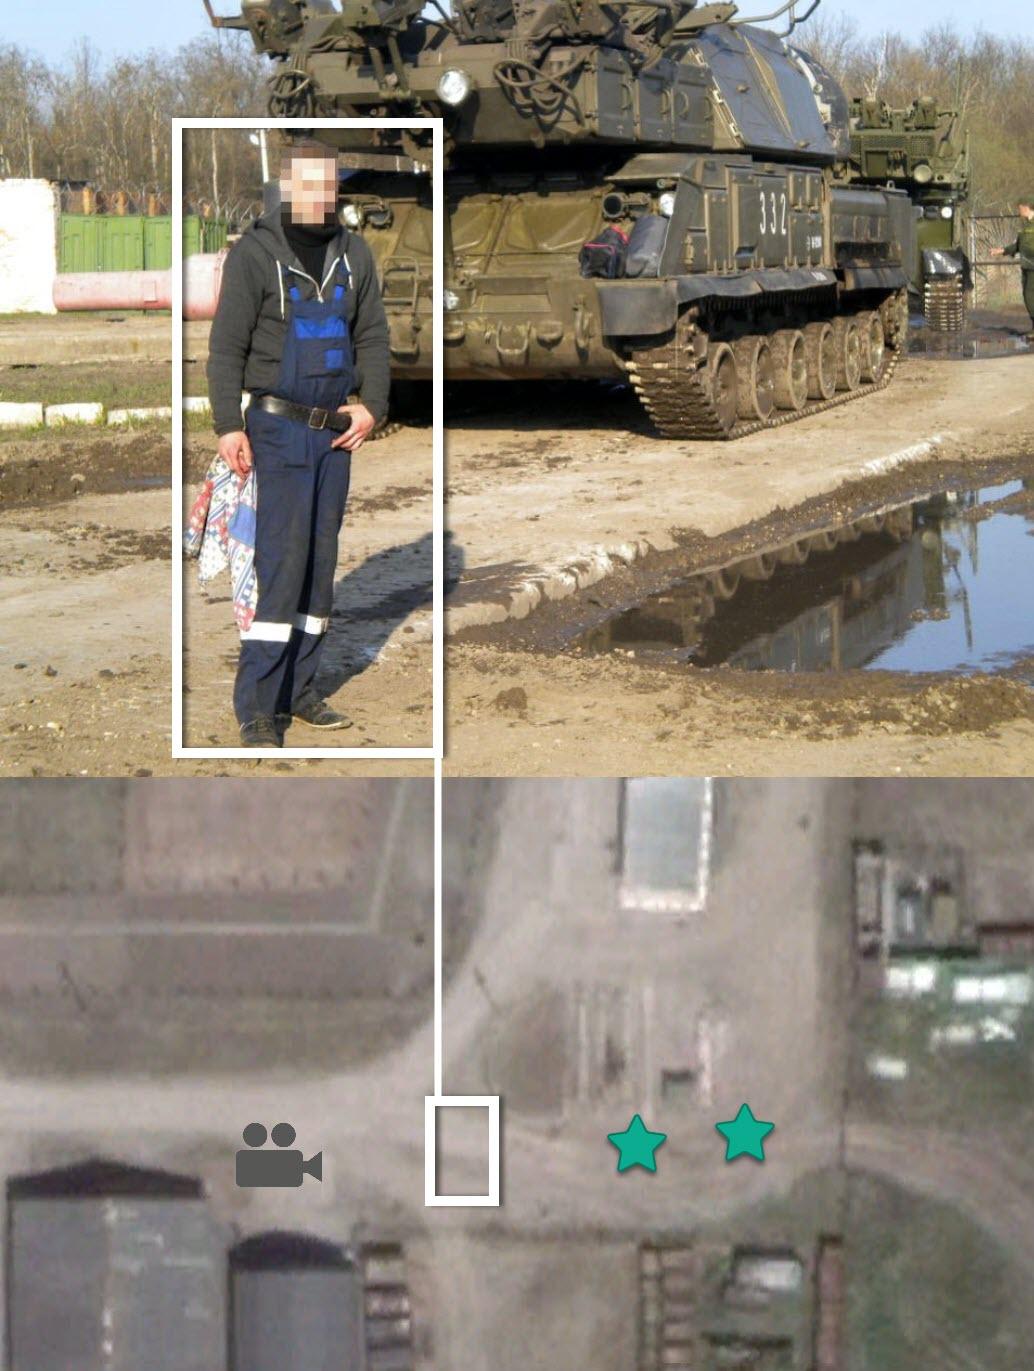 Слева внизу: фотография механика, вероятно 2013 года, на которой виден Бук 332. Слева вверху: фотография курсанта, снятая в августе 2014 года, также виден розовый контейнер